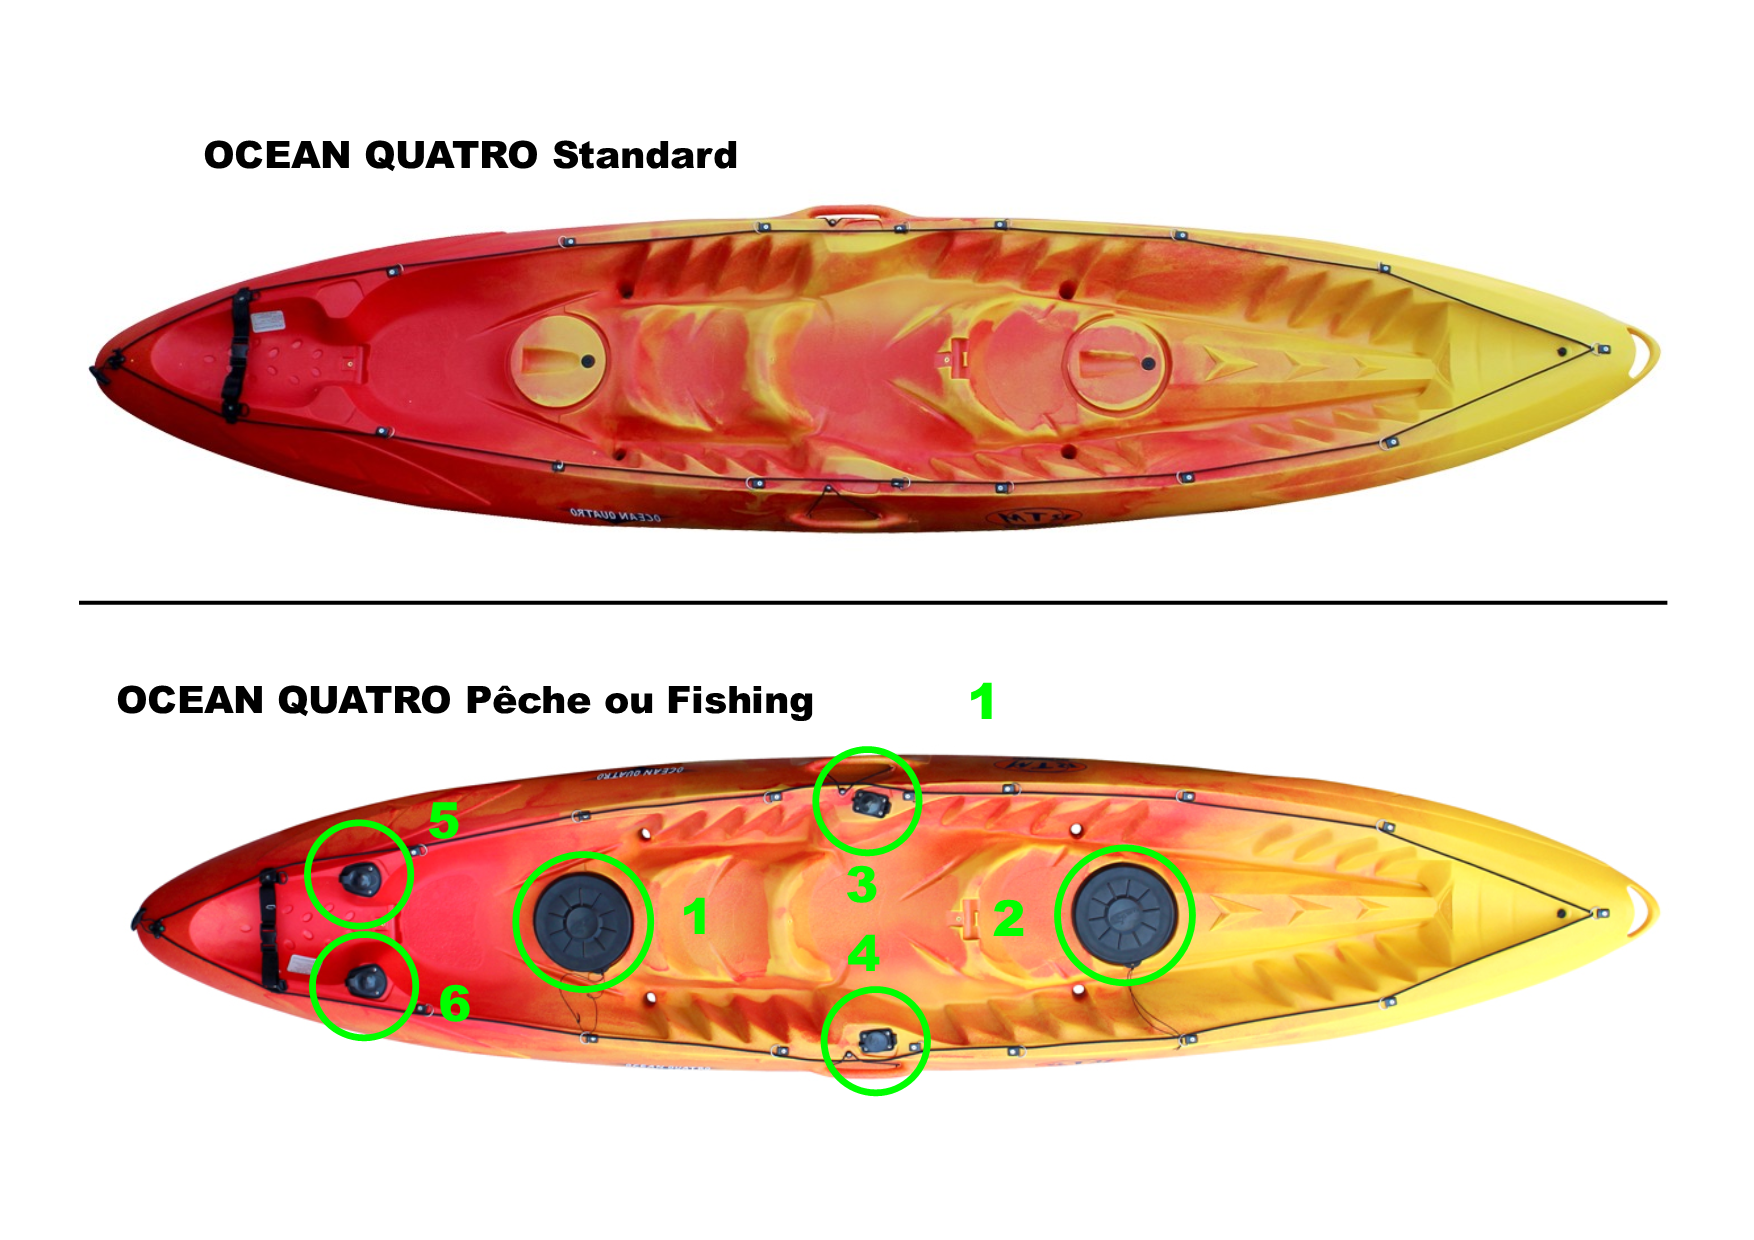 L'Océan Quatro en images Quatro-peche-quatro-standard